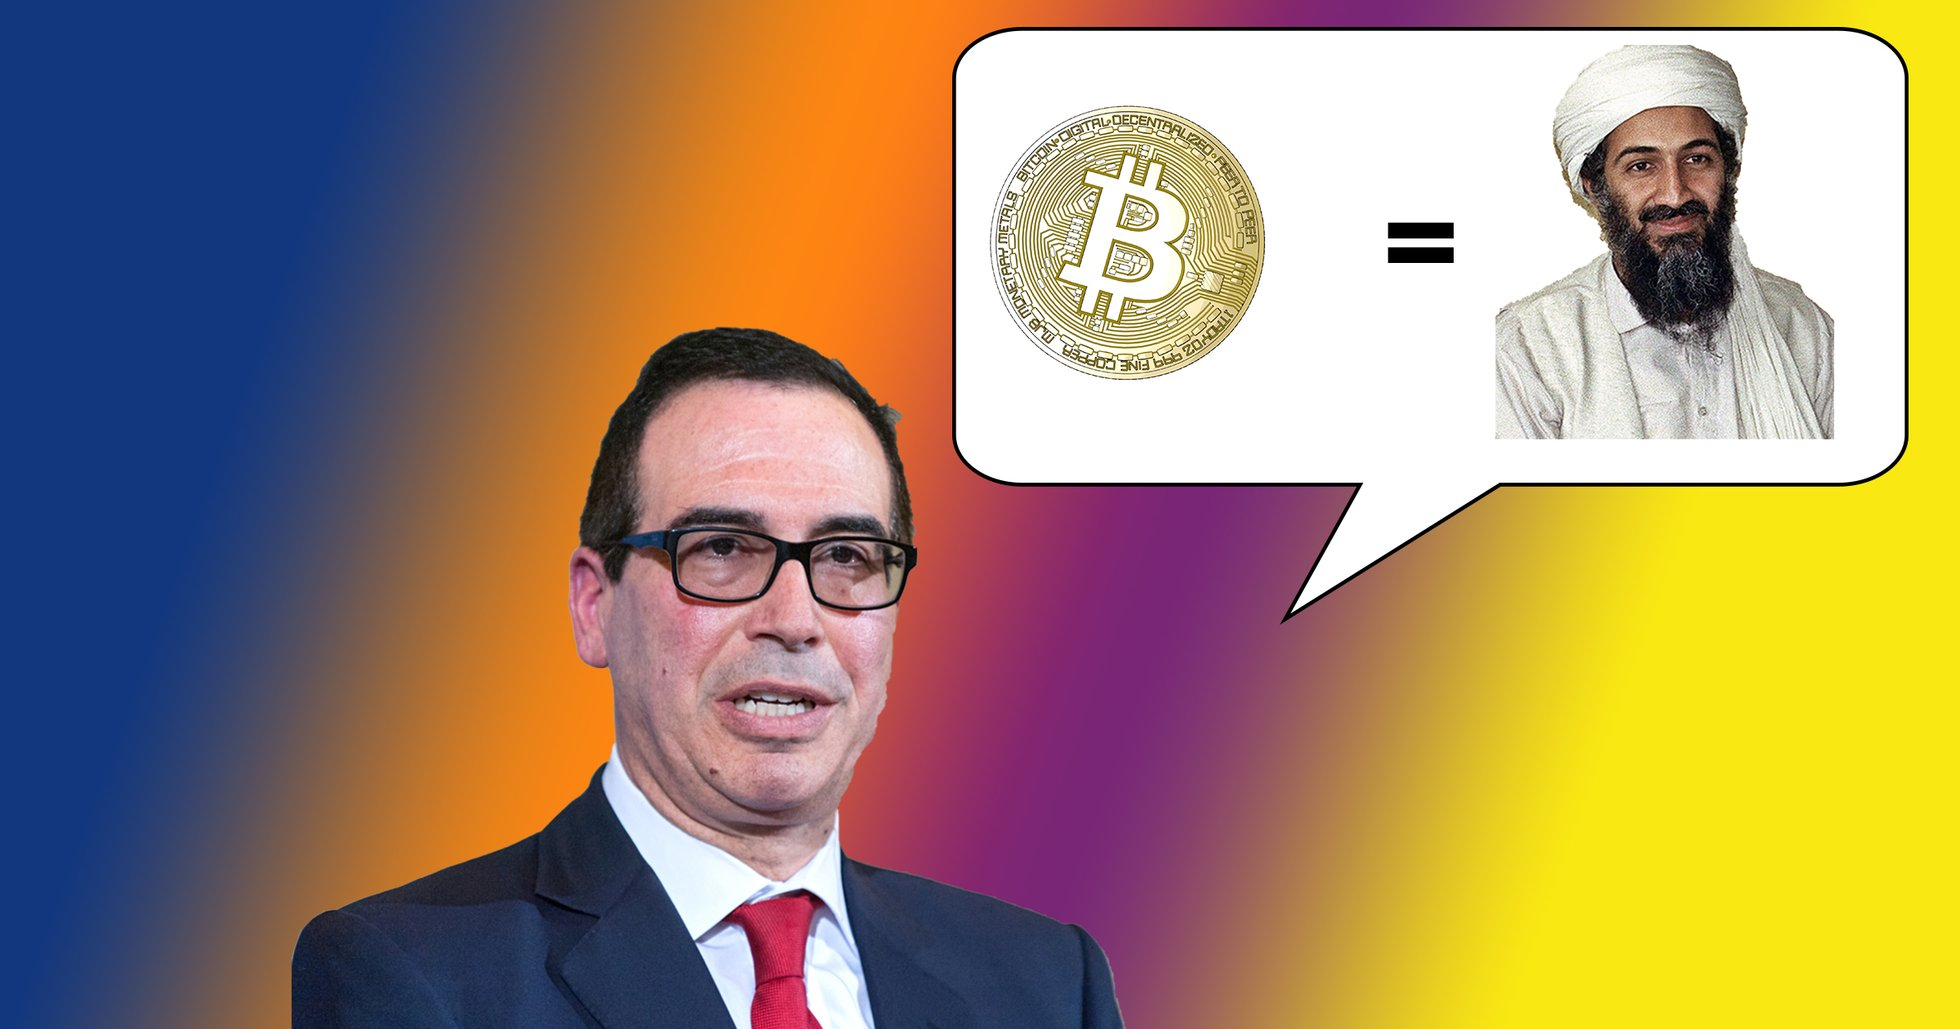 USA:s finansminister: Bitcoin är ett hot mot den nationella säkerheten